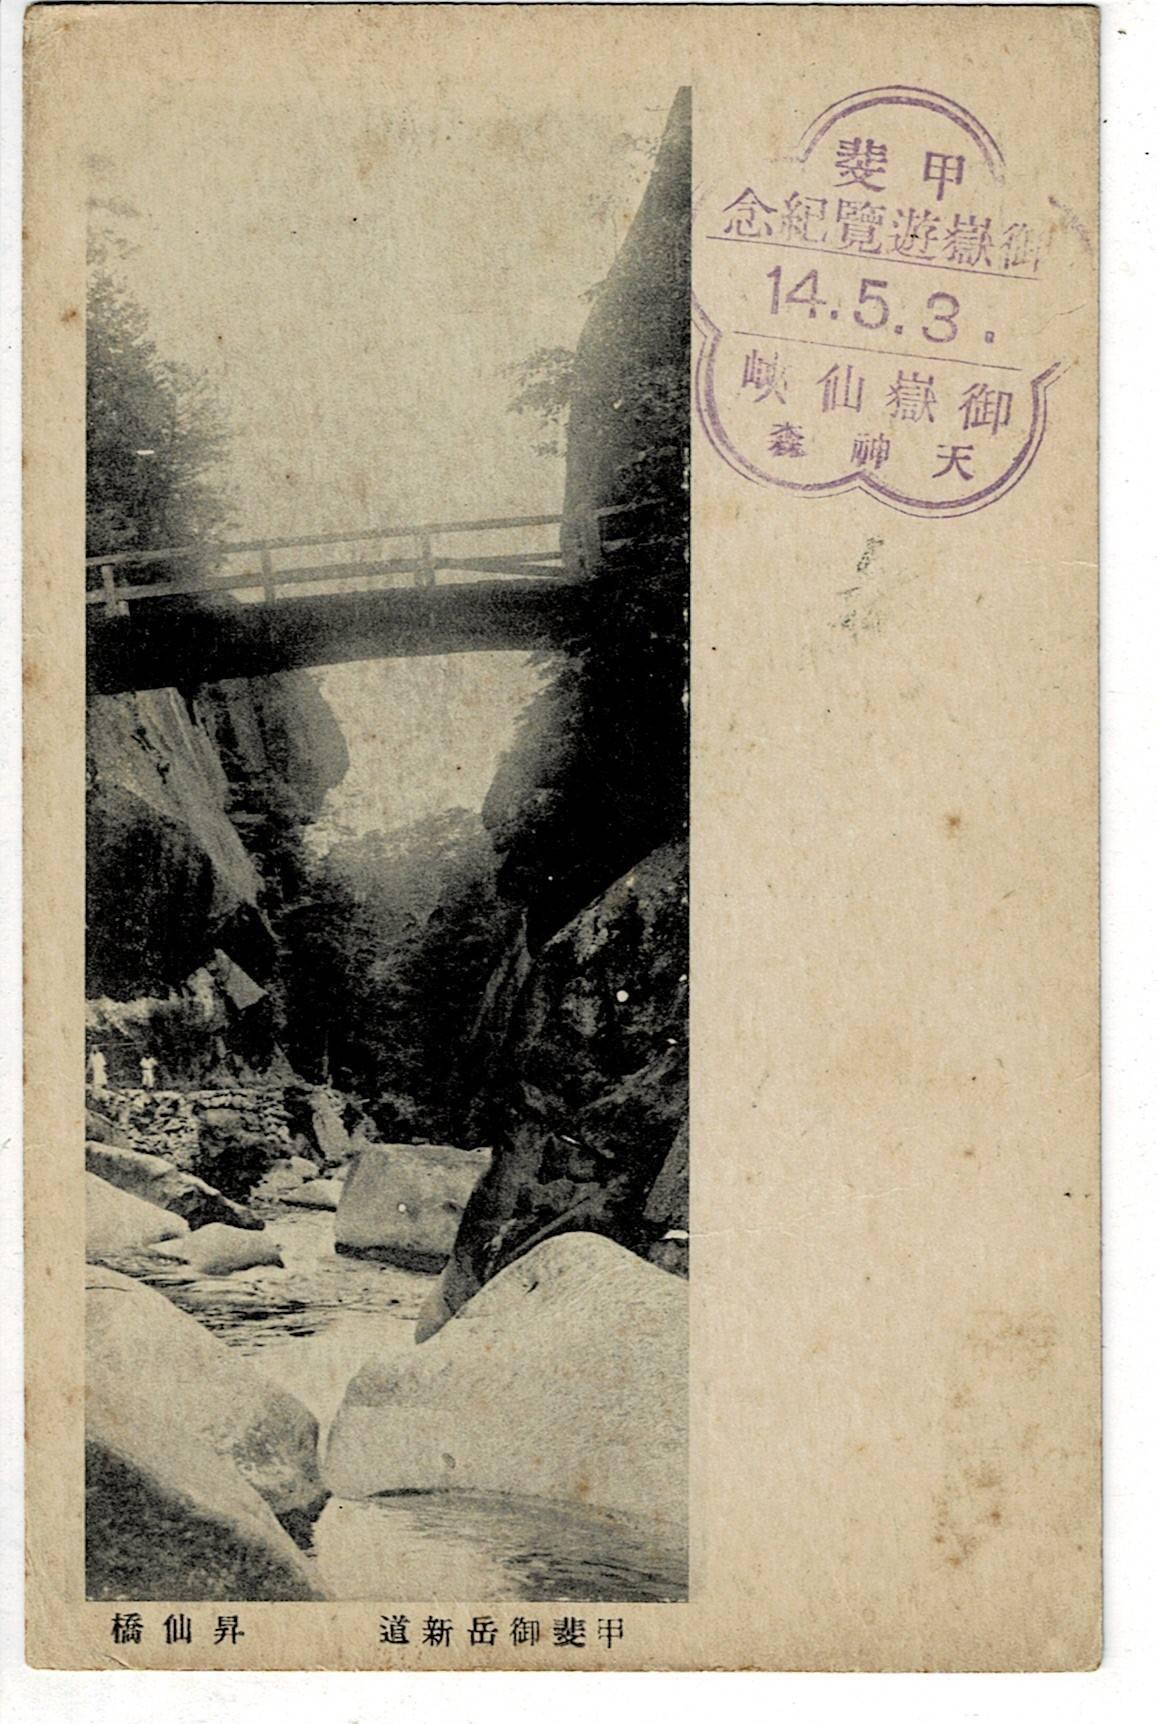 甲斐御岳新道 昇仙橋